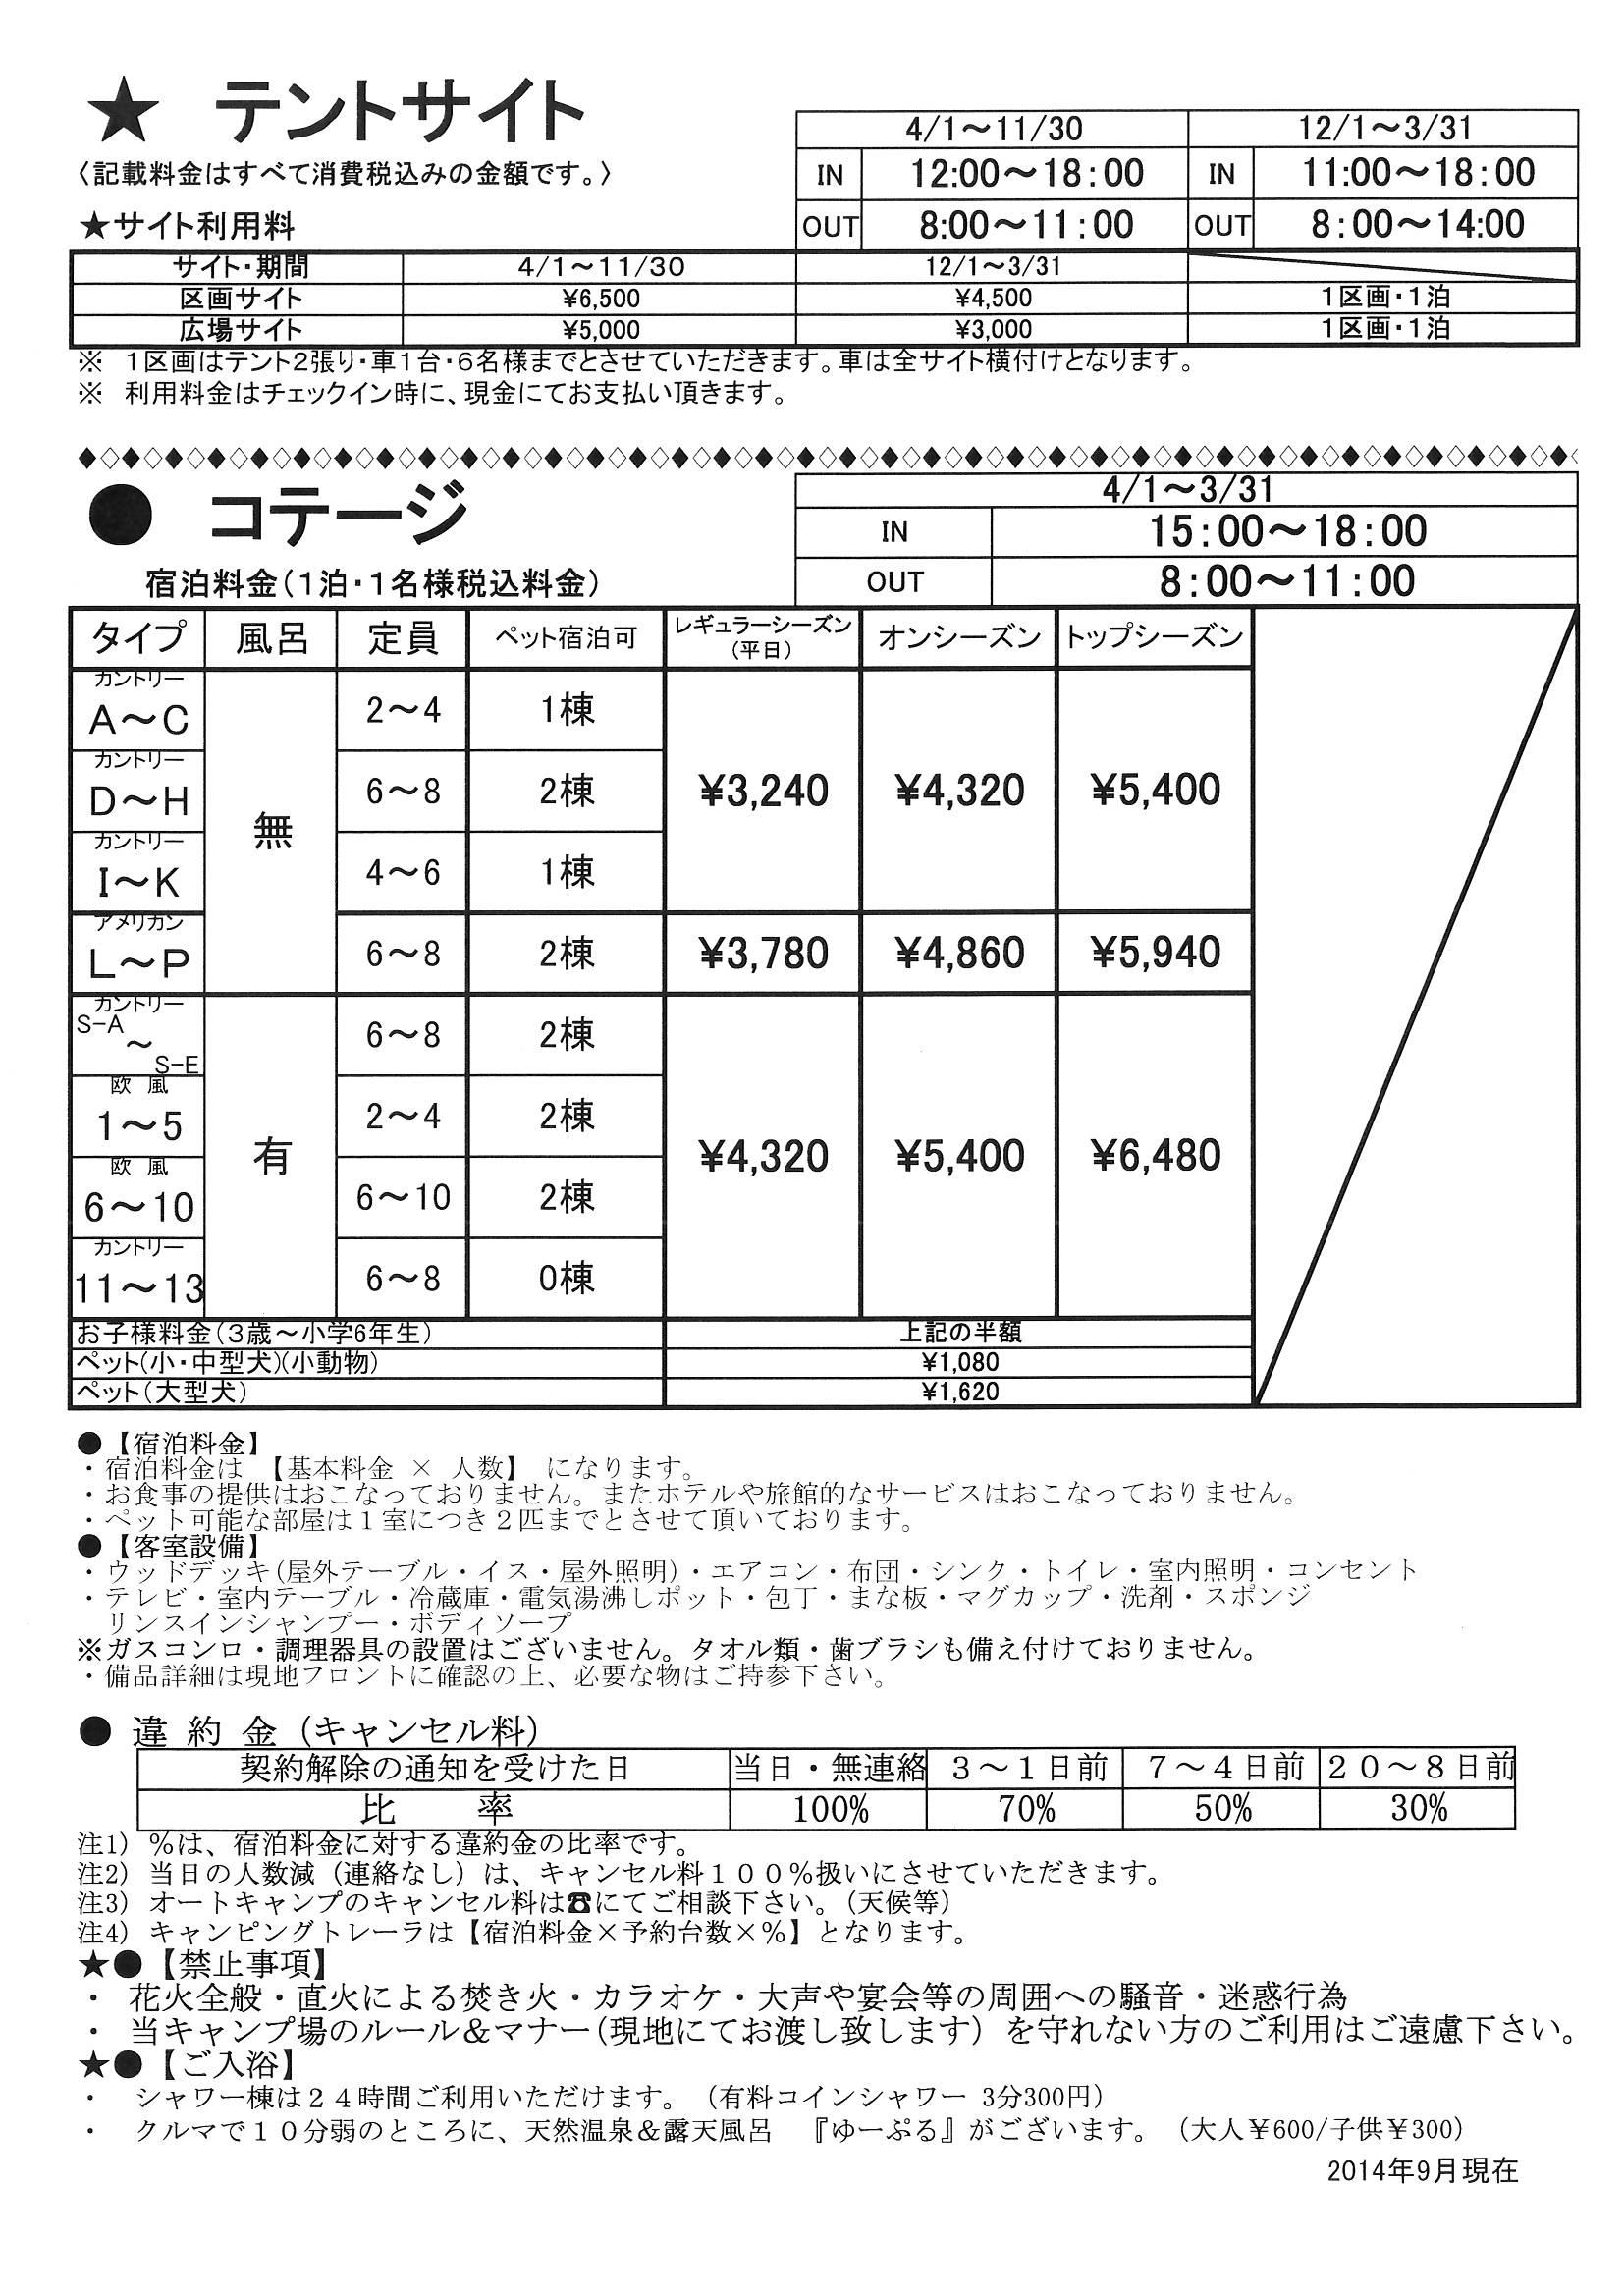 b0192085_843712.jpg